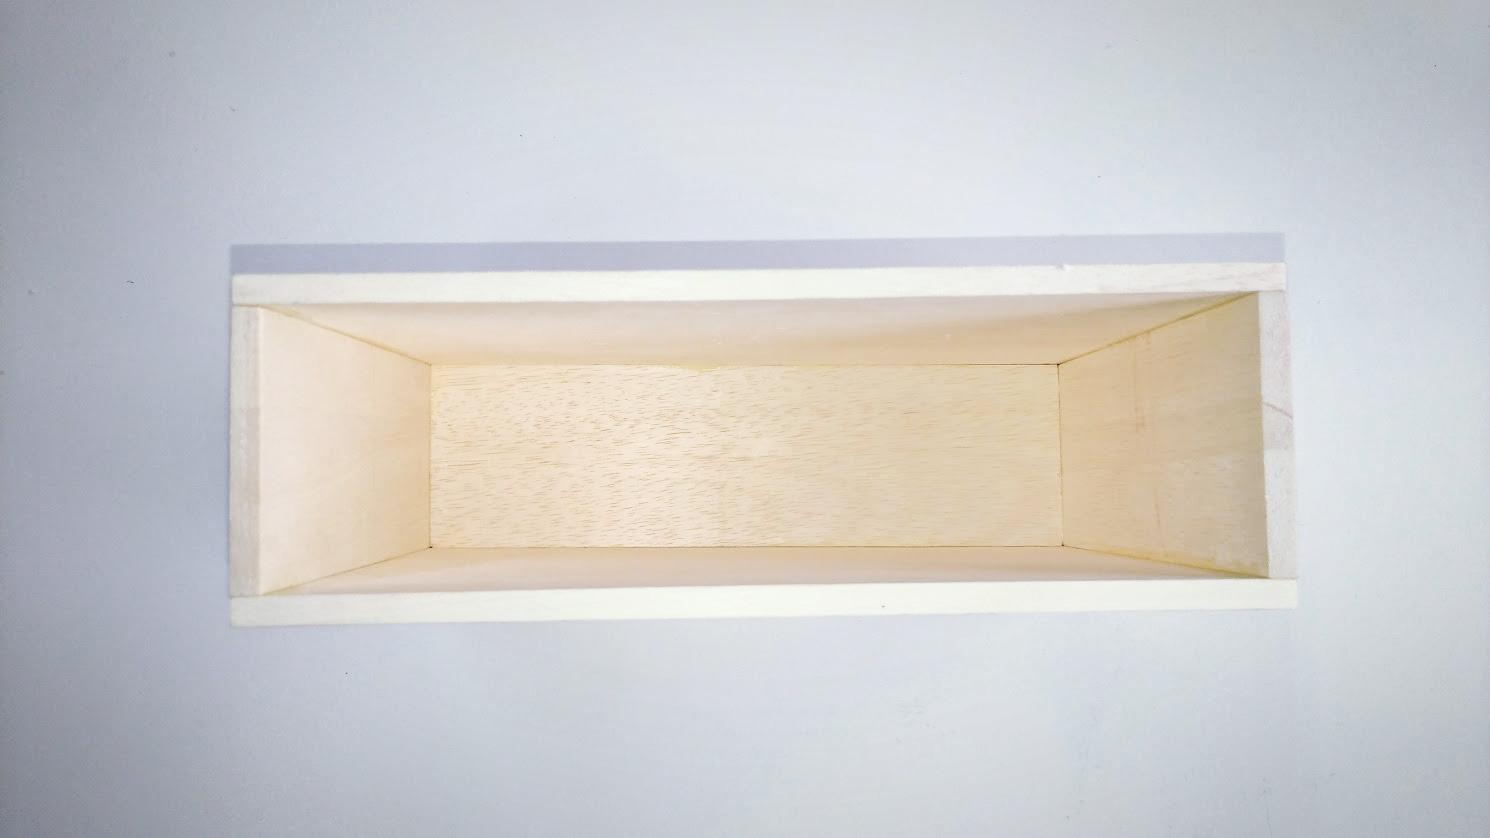 木箱の製作(小物入れ)のこやすり -5-